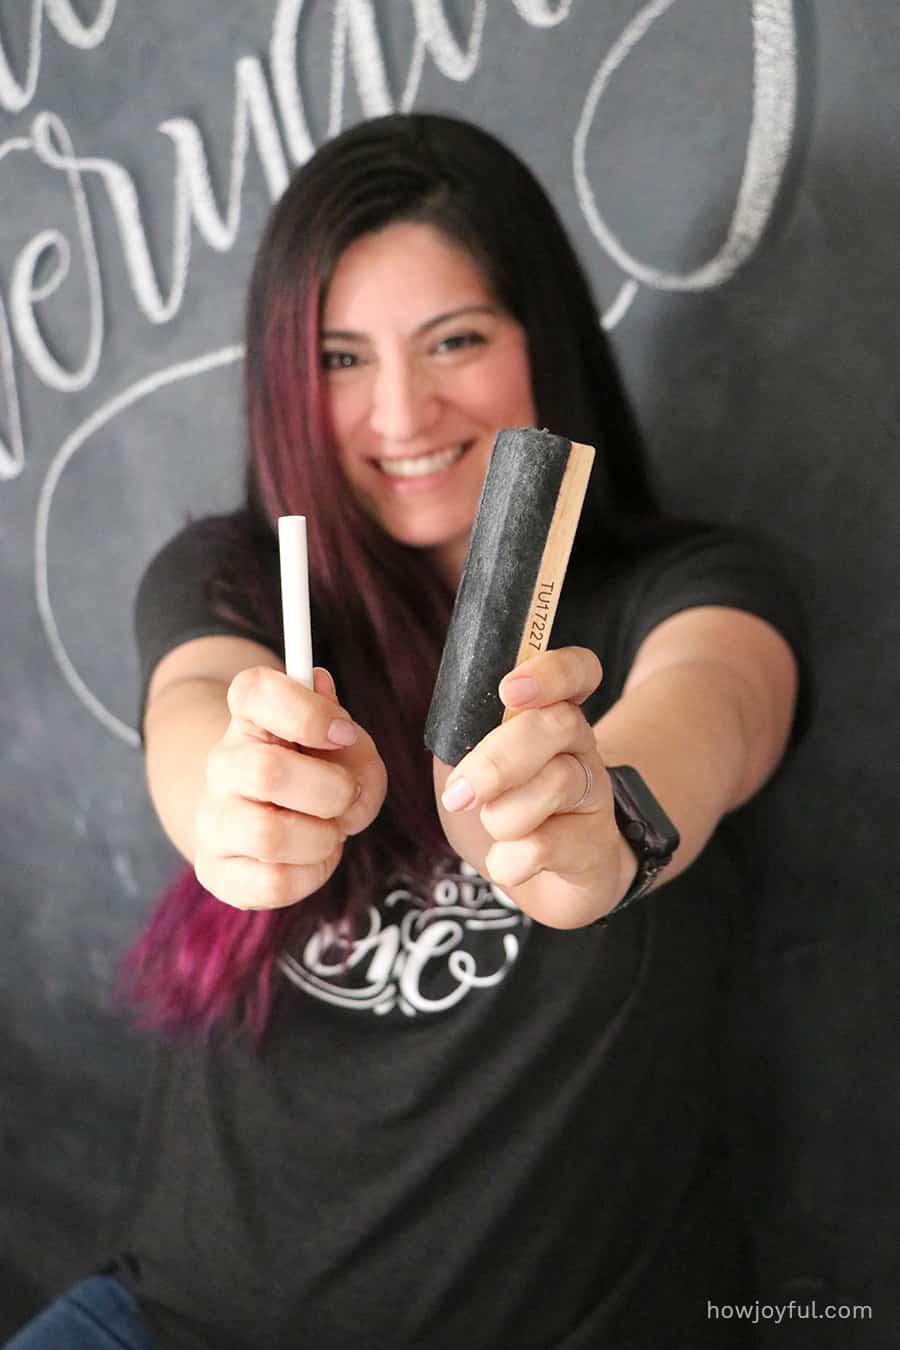 Joy Kelley chalk